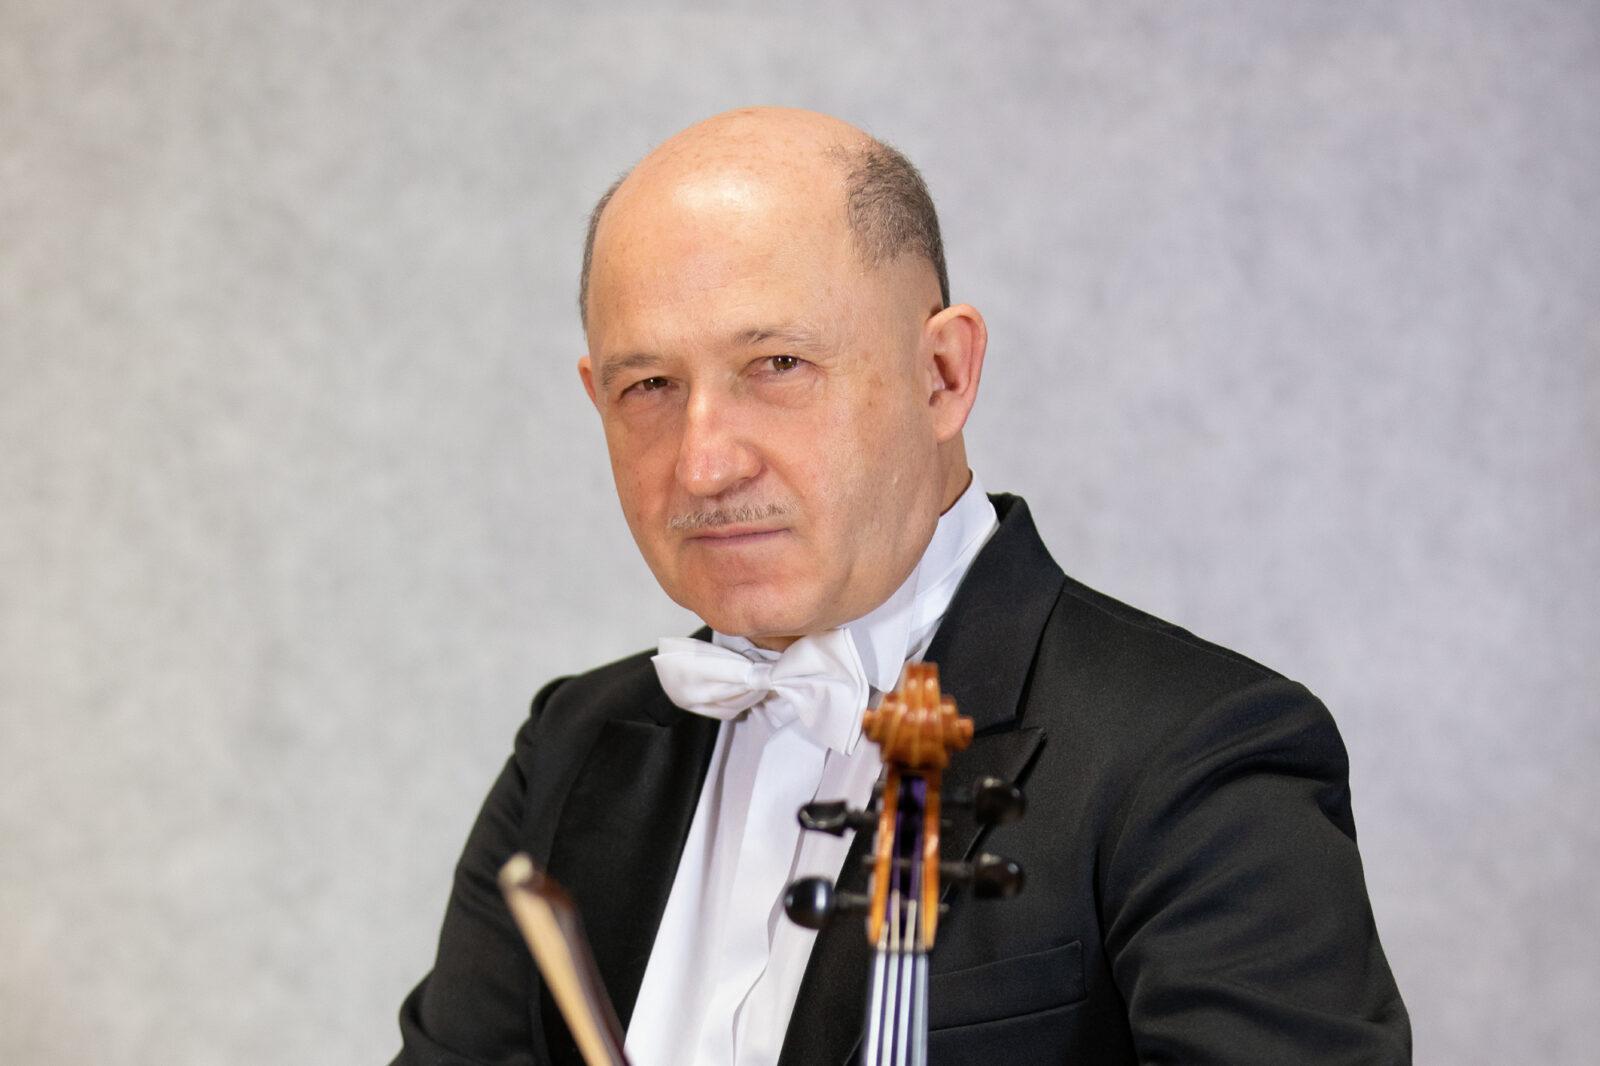 Renaldo Wójtowicz